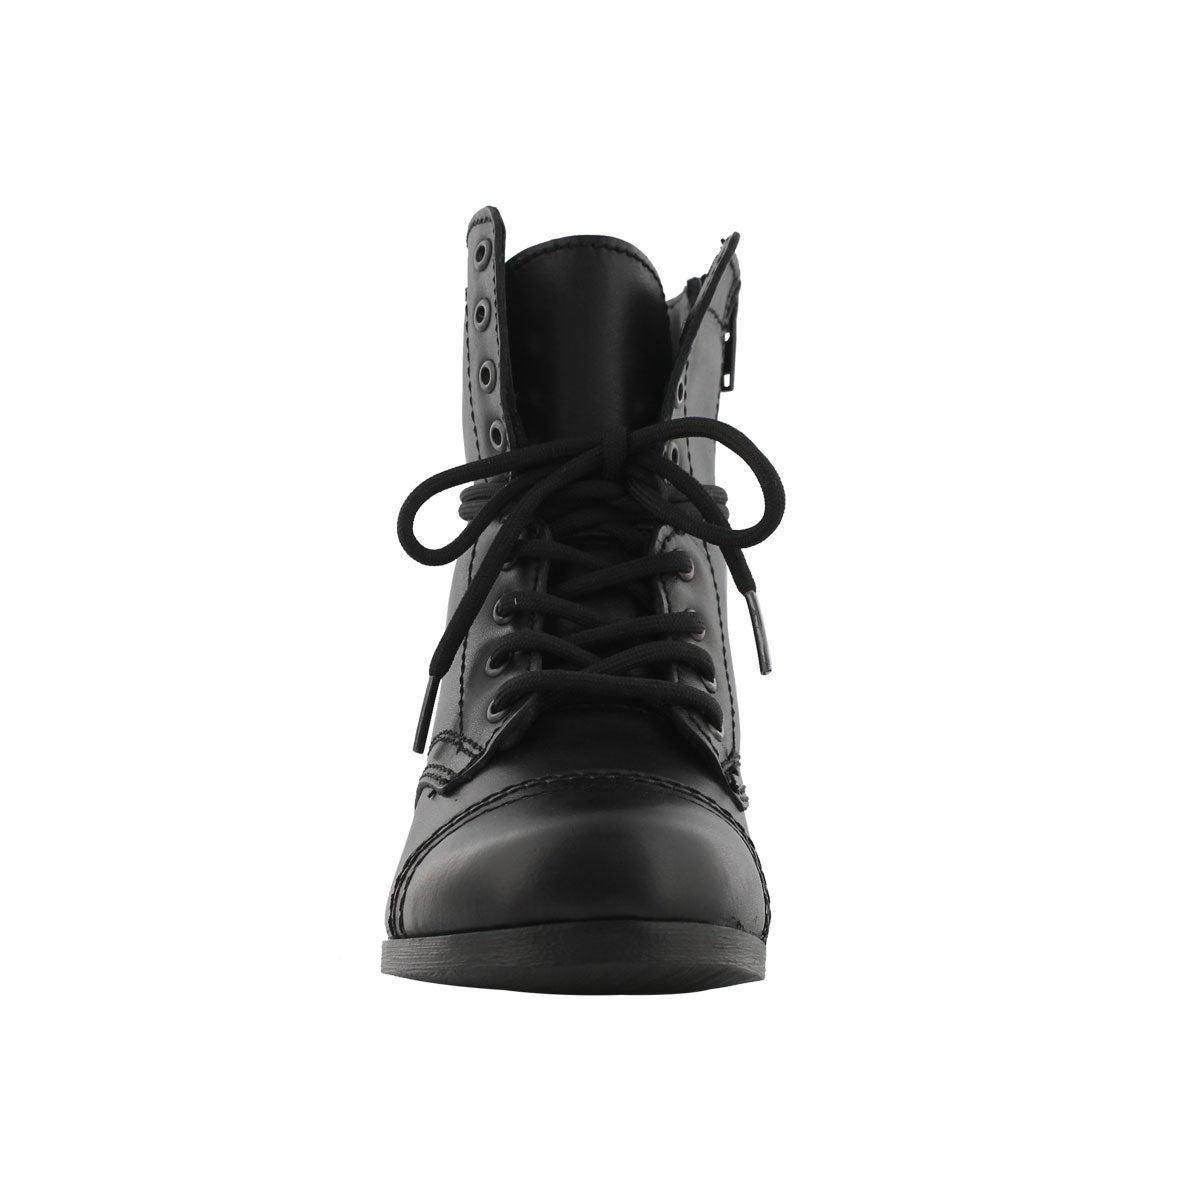 Grls J Troopa black combat boot